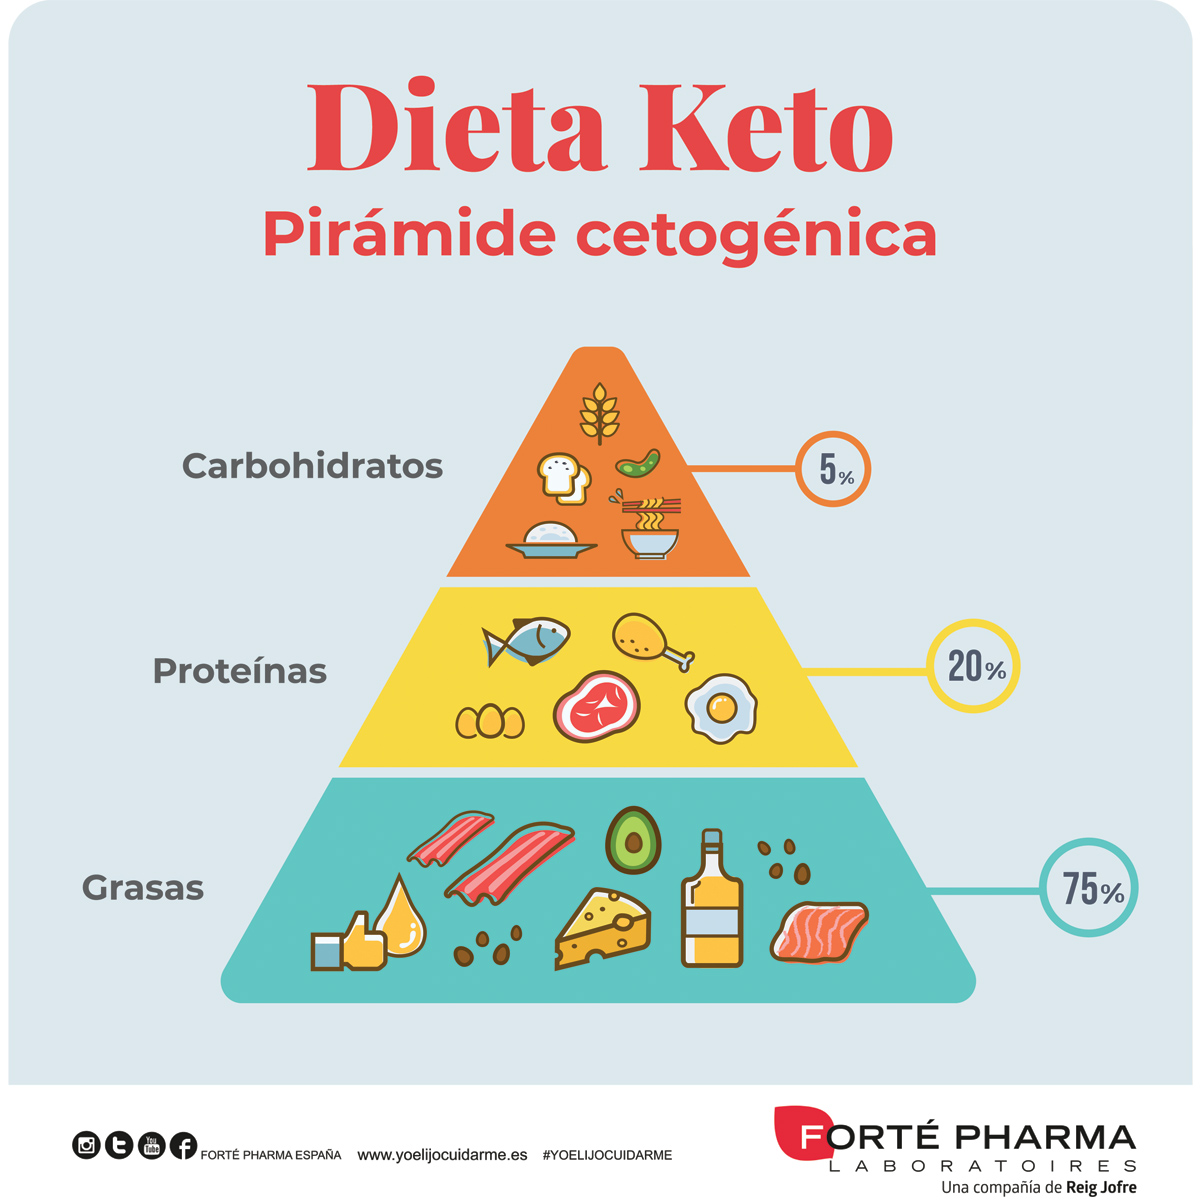 Dieta Keto o cetogénica, ¿qué es, cómo funciona y qué alimentos incluye?